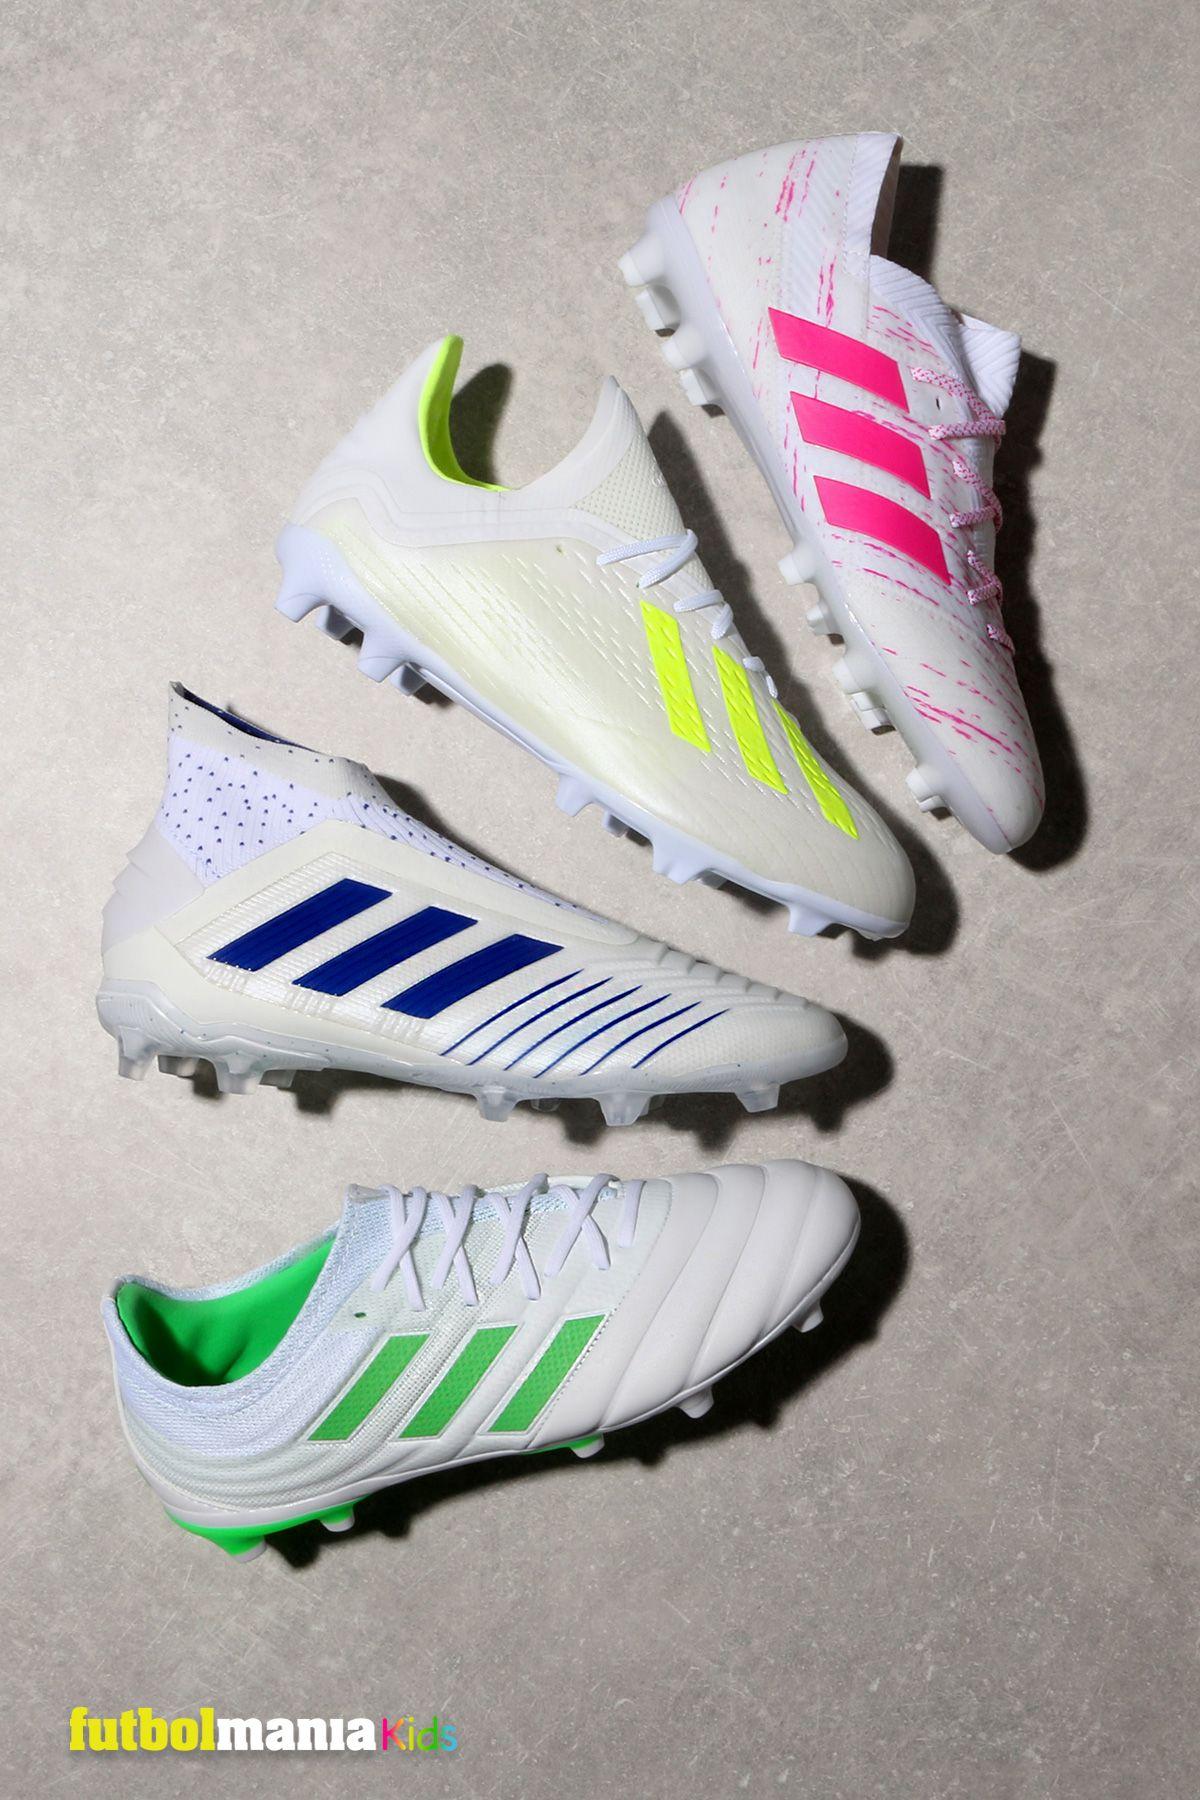 Ya tenemos aquí las nuevas botas de fútbol #VirtusoPack de